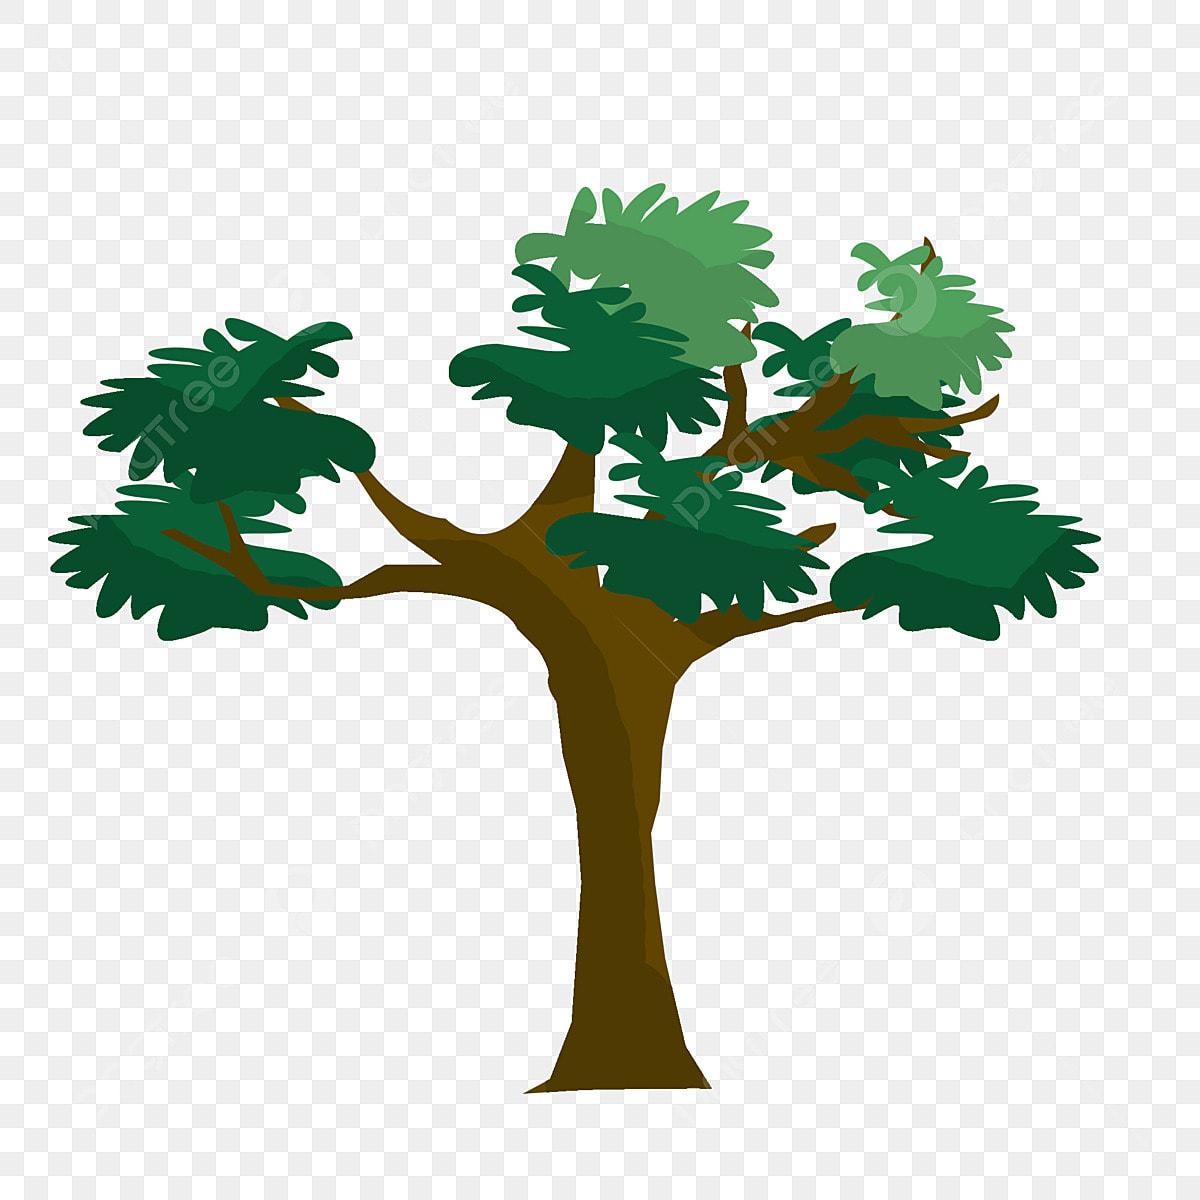 Árboles De Color Verde Oscuro árboles Grandes árboles De Dibujos Animados  Plantas, árboles De Dibujos Animados, Ramas De árboles, Animados PNG y PSD  para Descargar Gratis | Pngtree